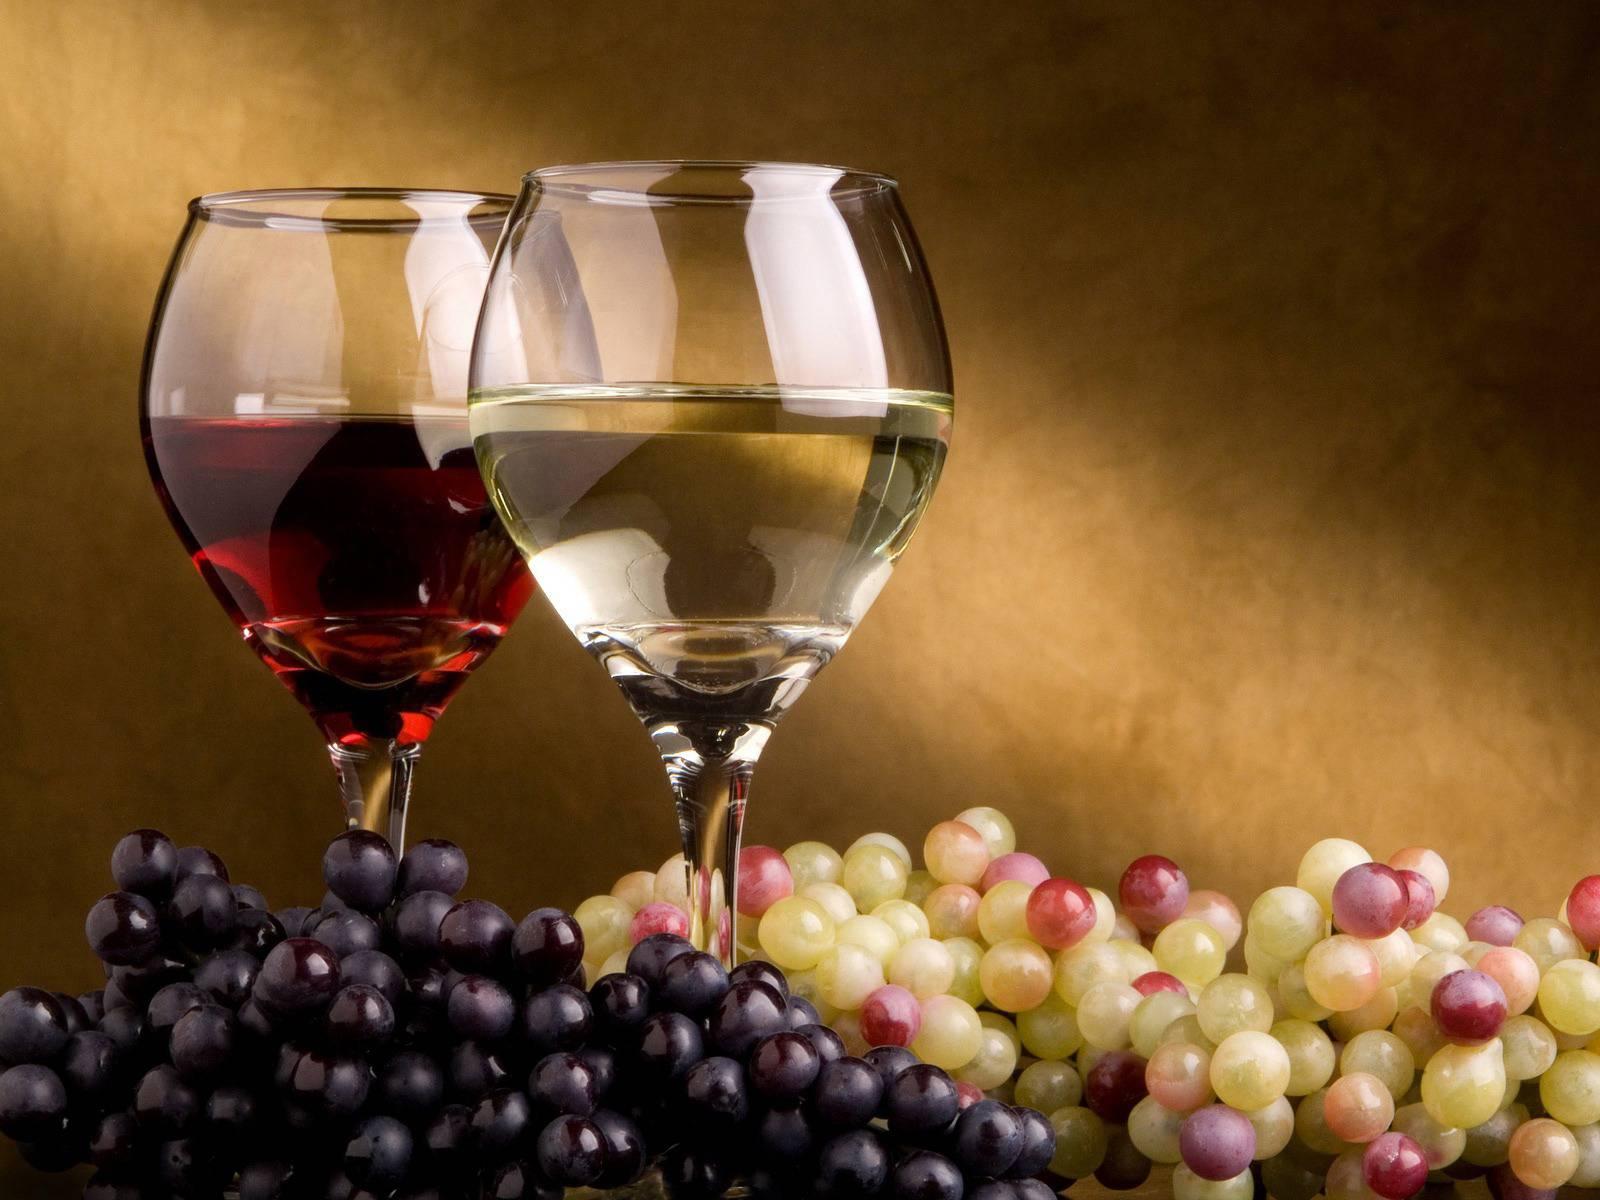 Вино - обои на рабочий стол 1600x1200 №703965: www.mobilmusic.ru/wallpaper.php?id=703965